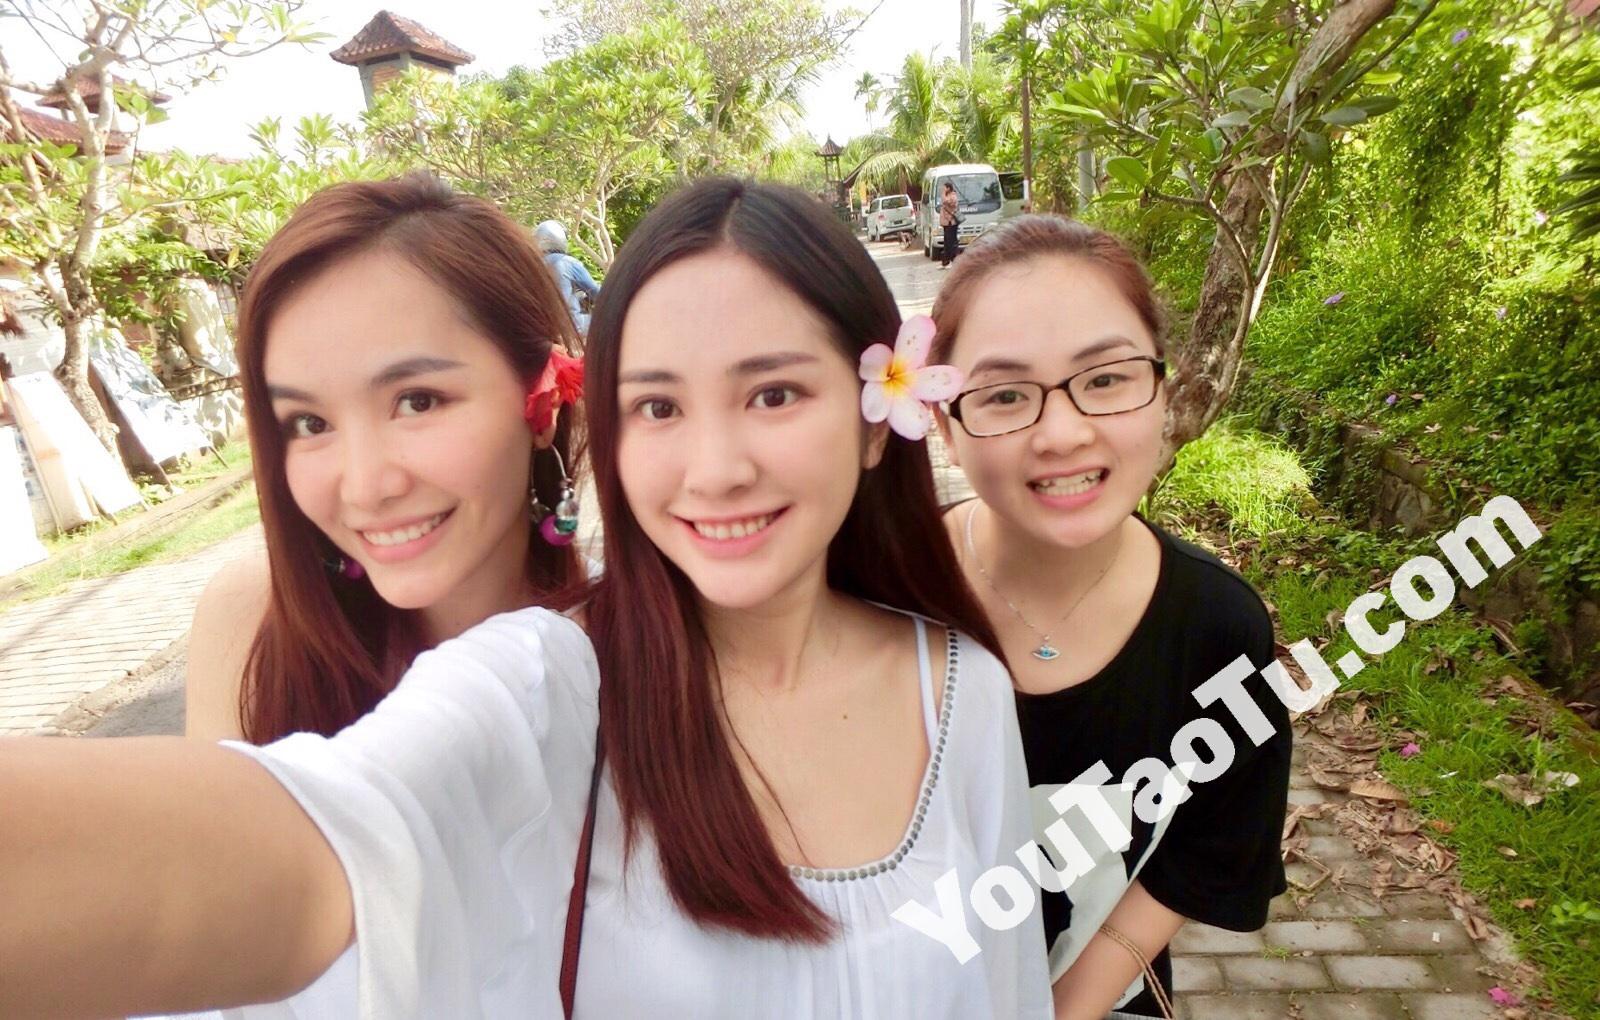 KK39 551张 时尚美女达人自拍照生活照-3